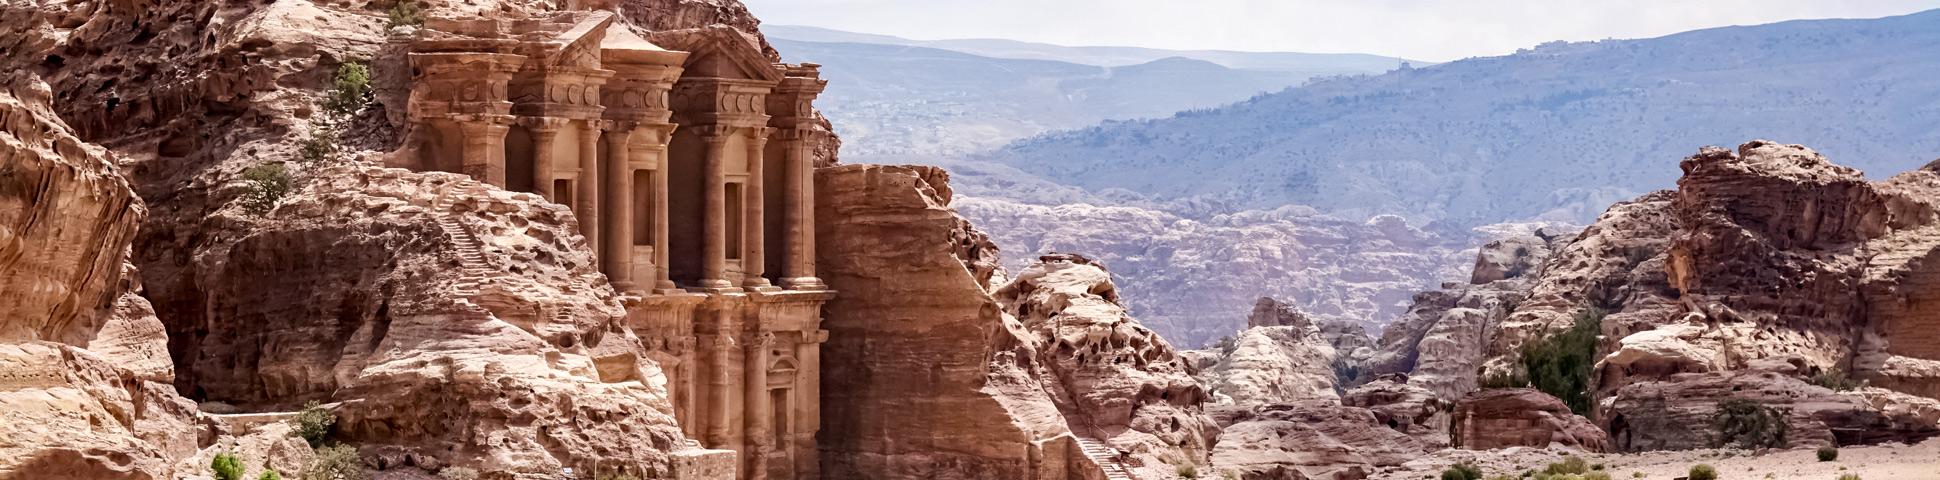 Panoramic view from Guided Dana to Petra Trek